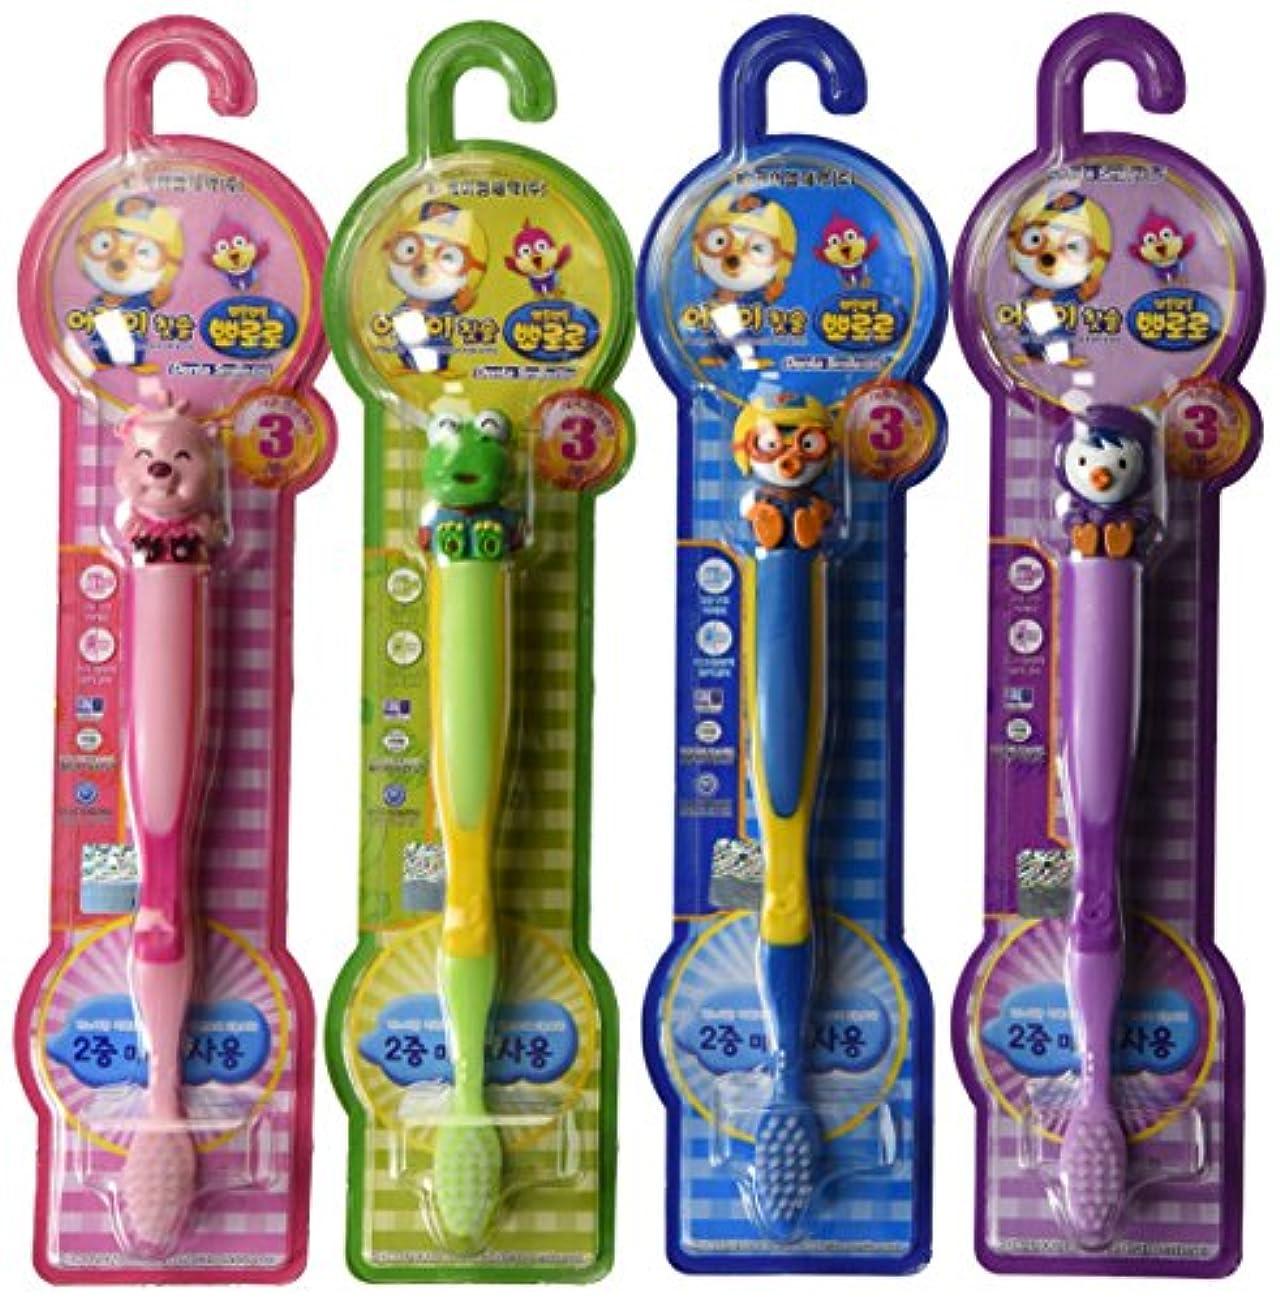 シールうっかりやめるPororo Kids Children Toothbrush Toothpaste (4units) by TheJD [並行輸入品]